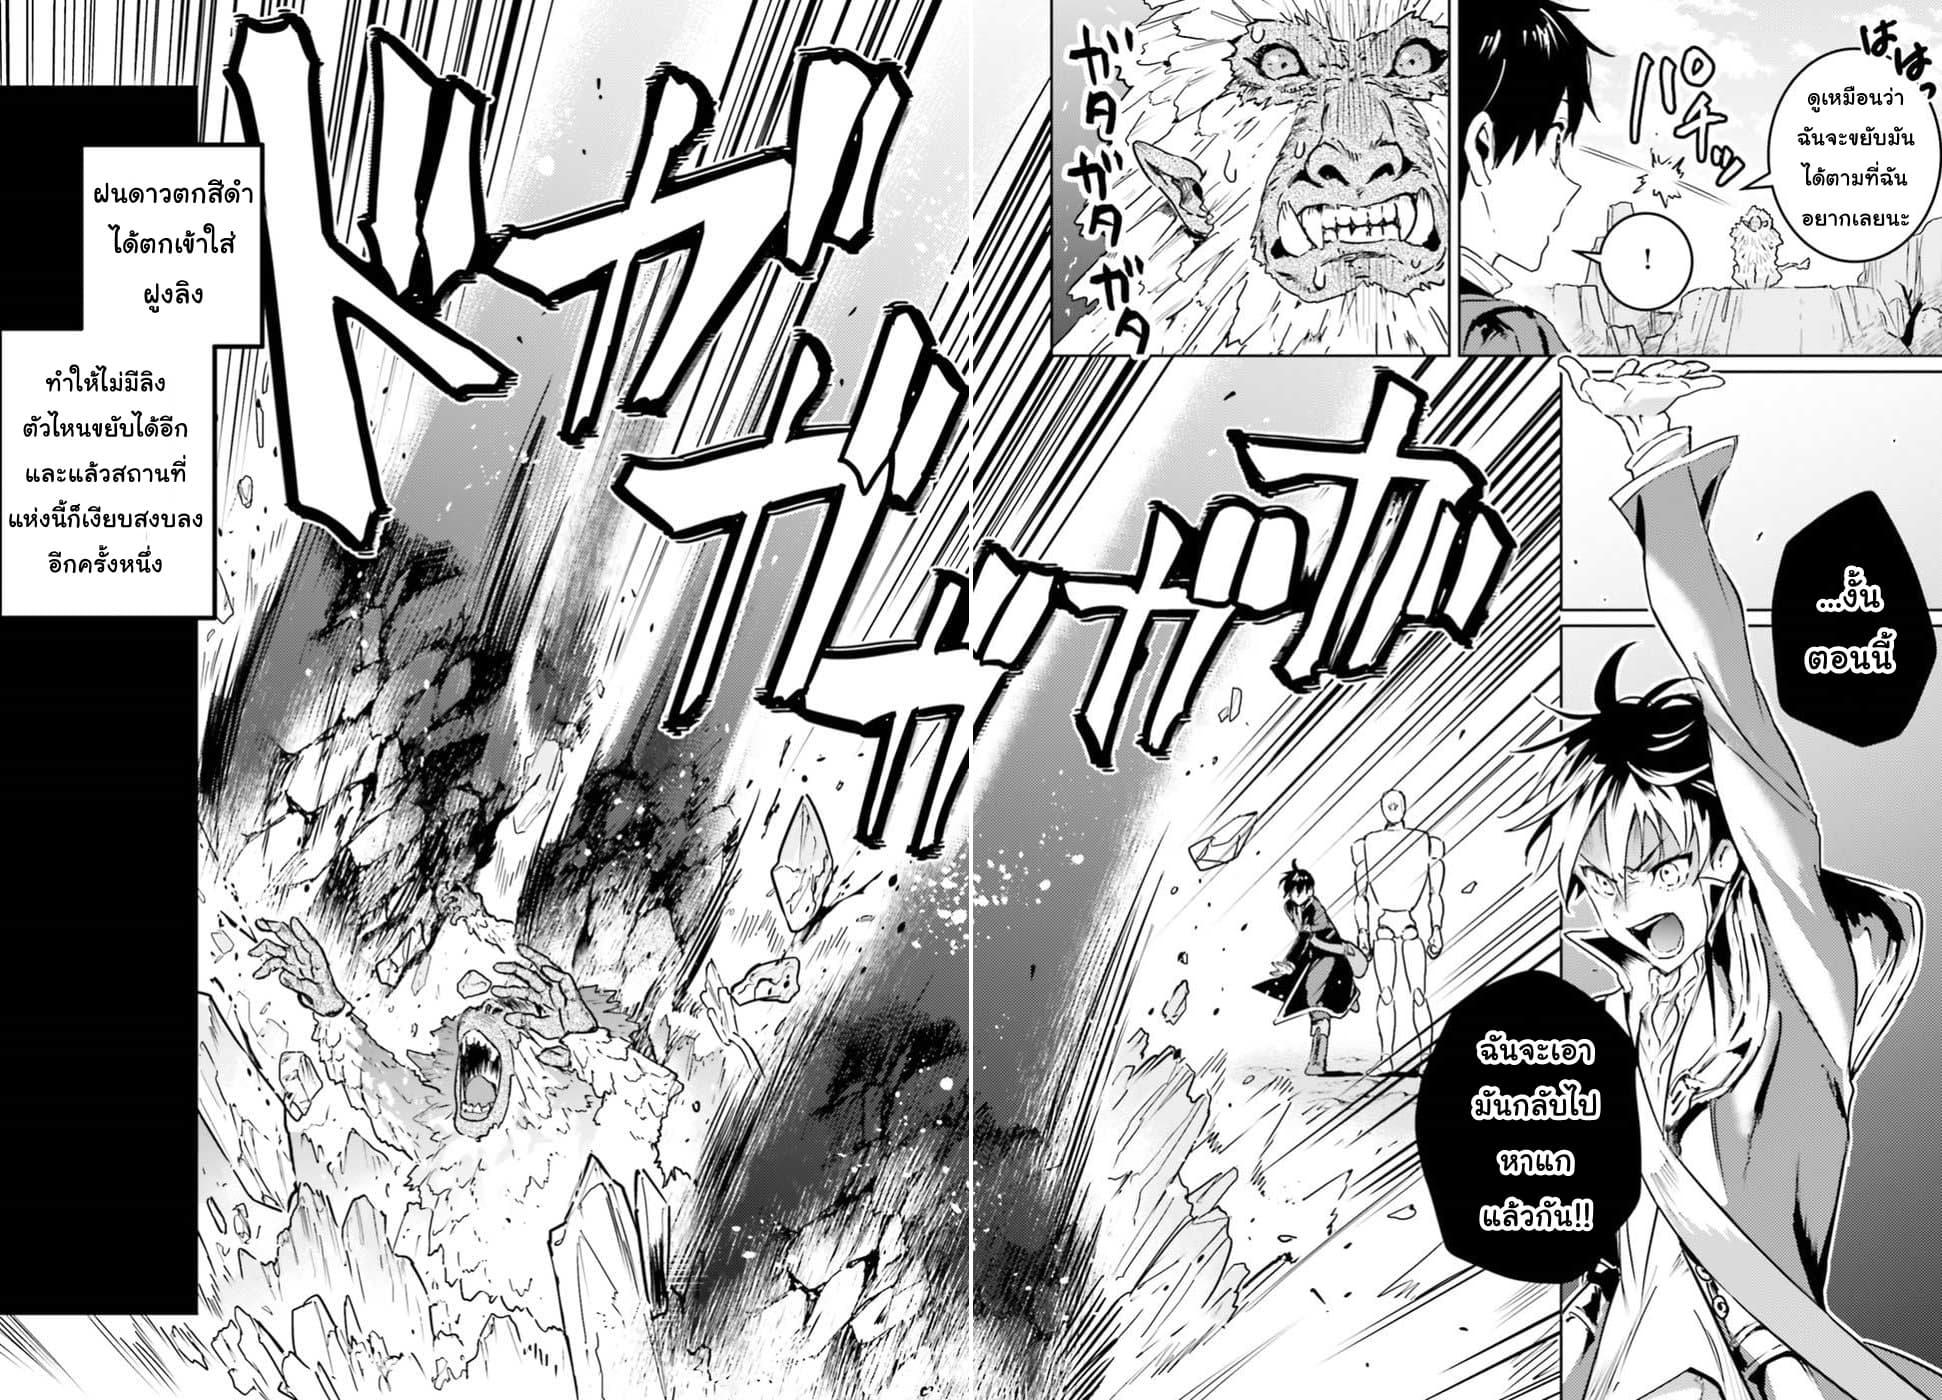 อ่านการ์ตูน Hametsu no Madou Ou to Golem no Ban Kisaki ตอนที่ 5 หน้าที่ 16